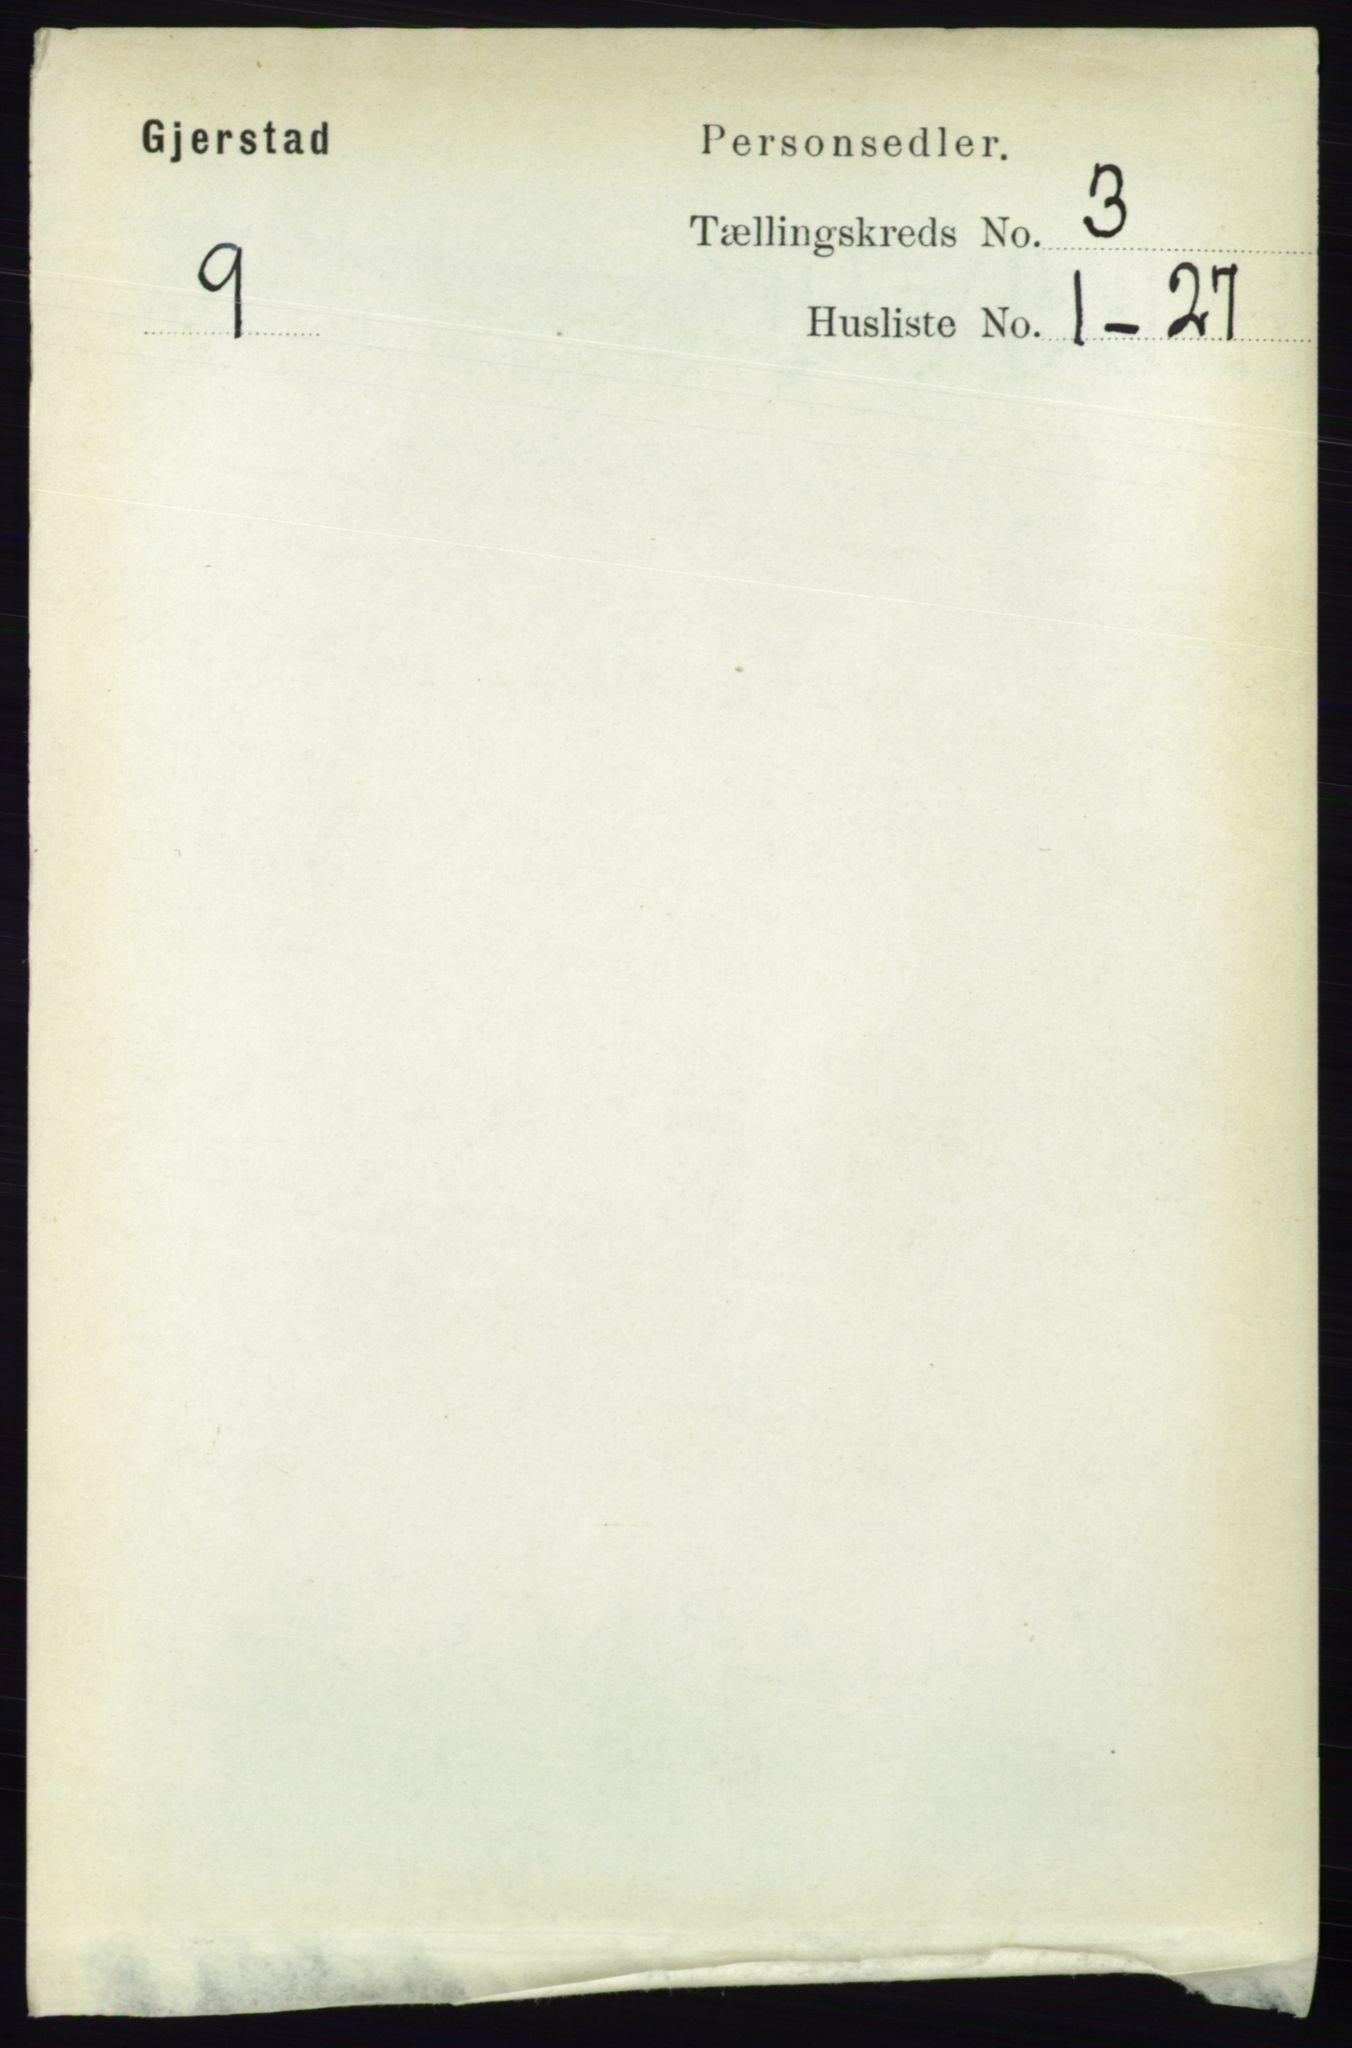 RA, Folketelling 1891 for 0911 Gjerstad herred, 1891, s. 1054